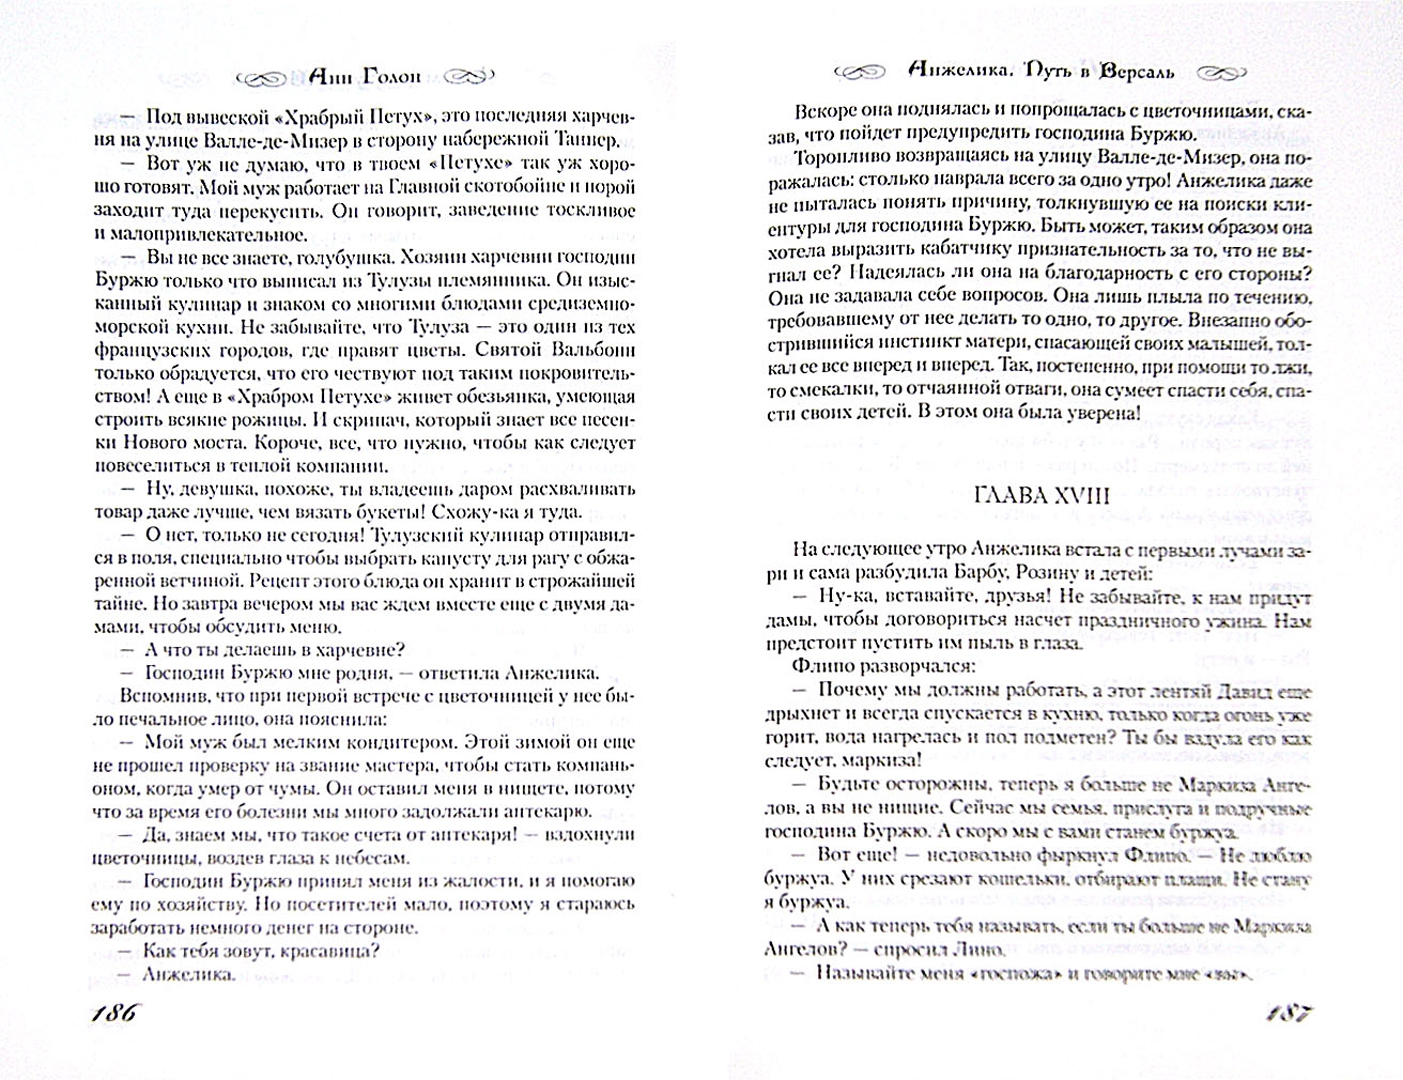 Иллюстрация 1 из 20 для Анжелика. Путь в Версаль - Анн Голон   Лабиринт - книги. Источник: Лабиринт